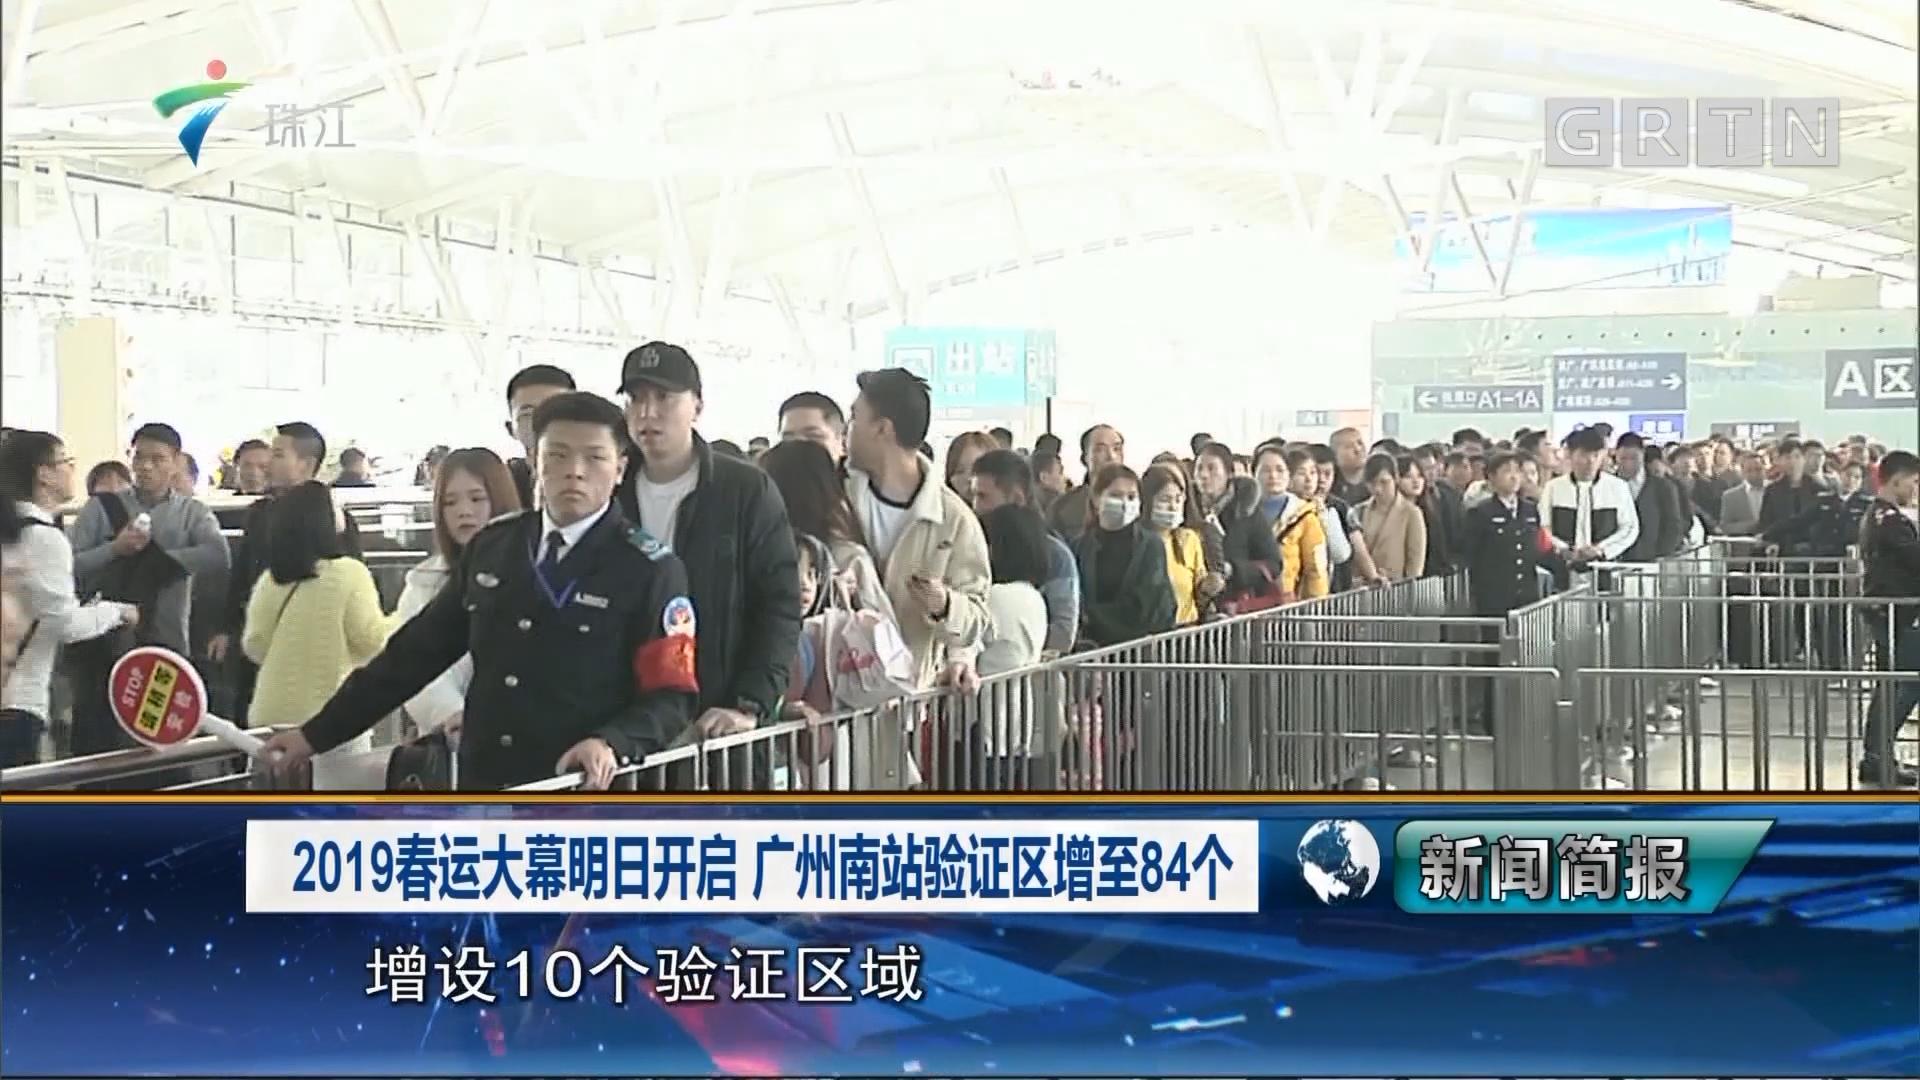 2019春运大幕明日开启 广州南站验证区增至84个